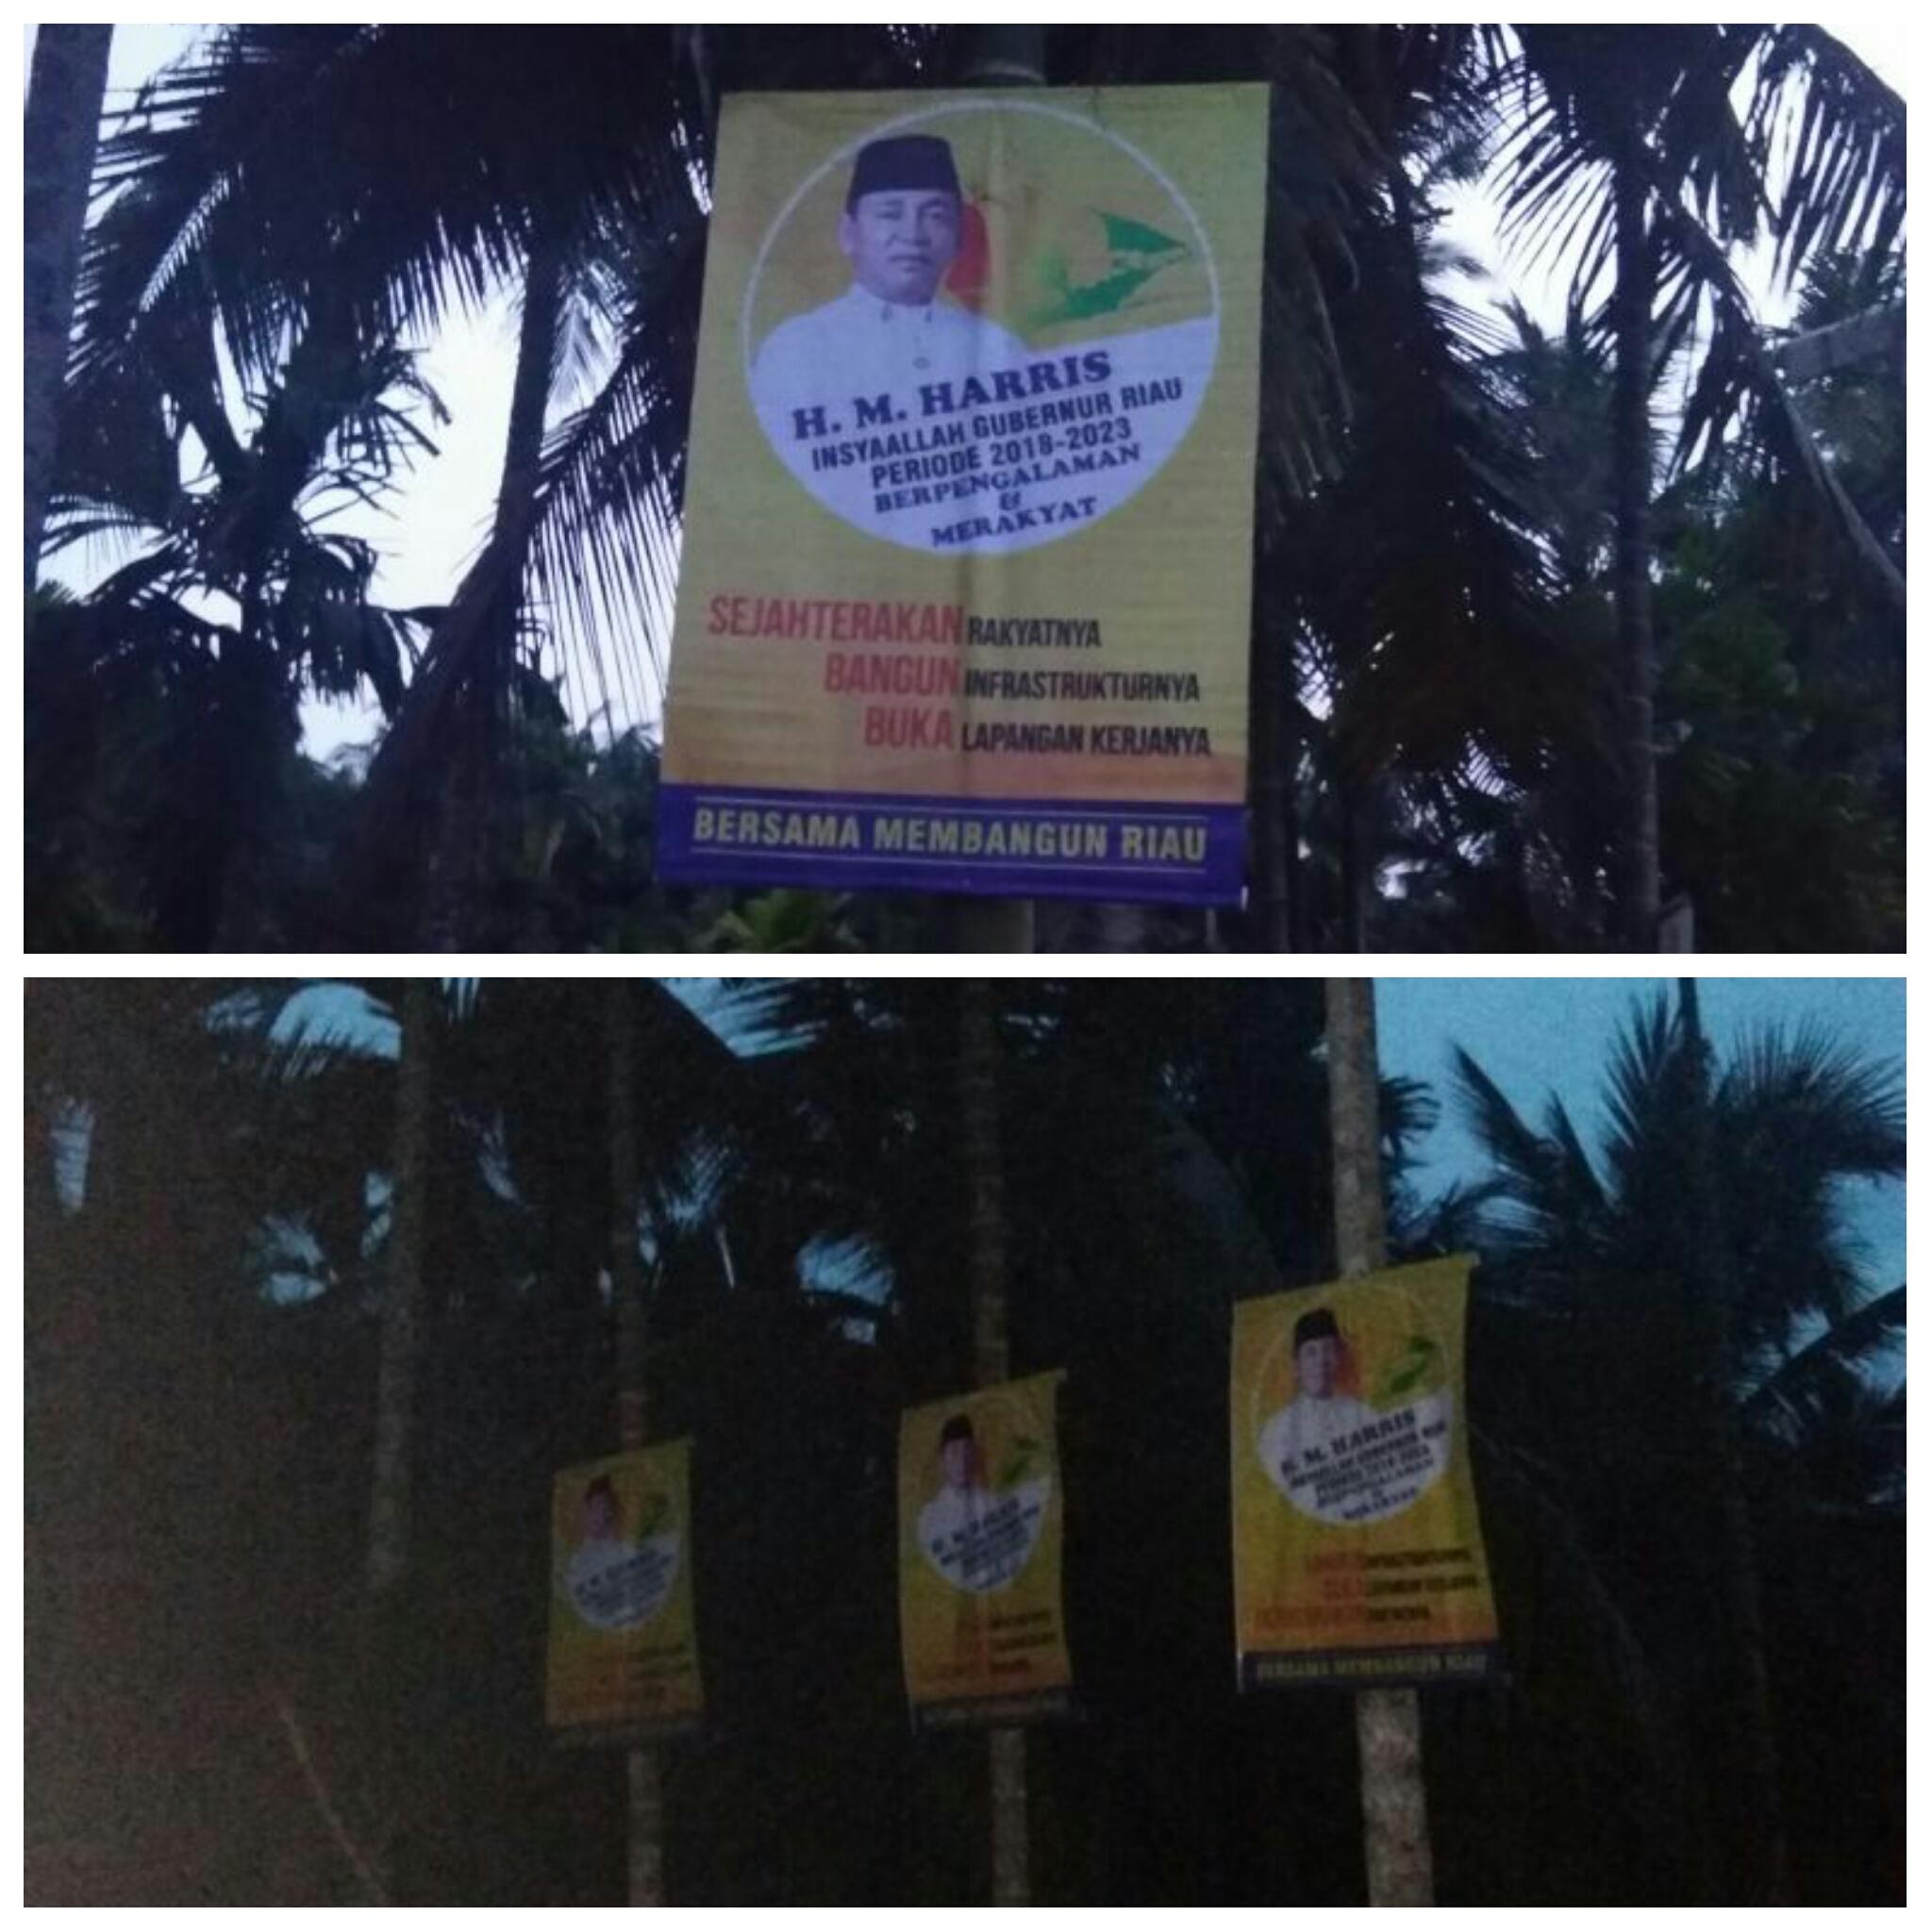 Pemasangan Poster Politisi Dinilai Kejam dan Sadis Menyiksa Pohon